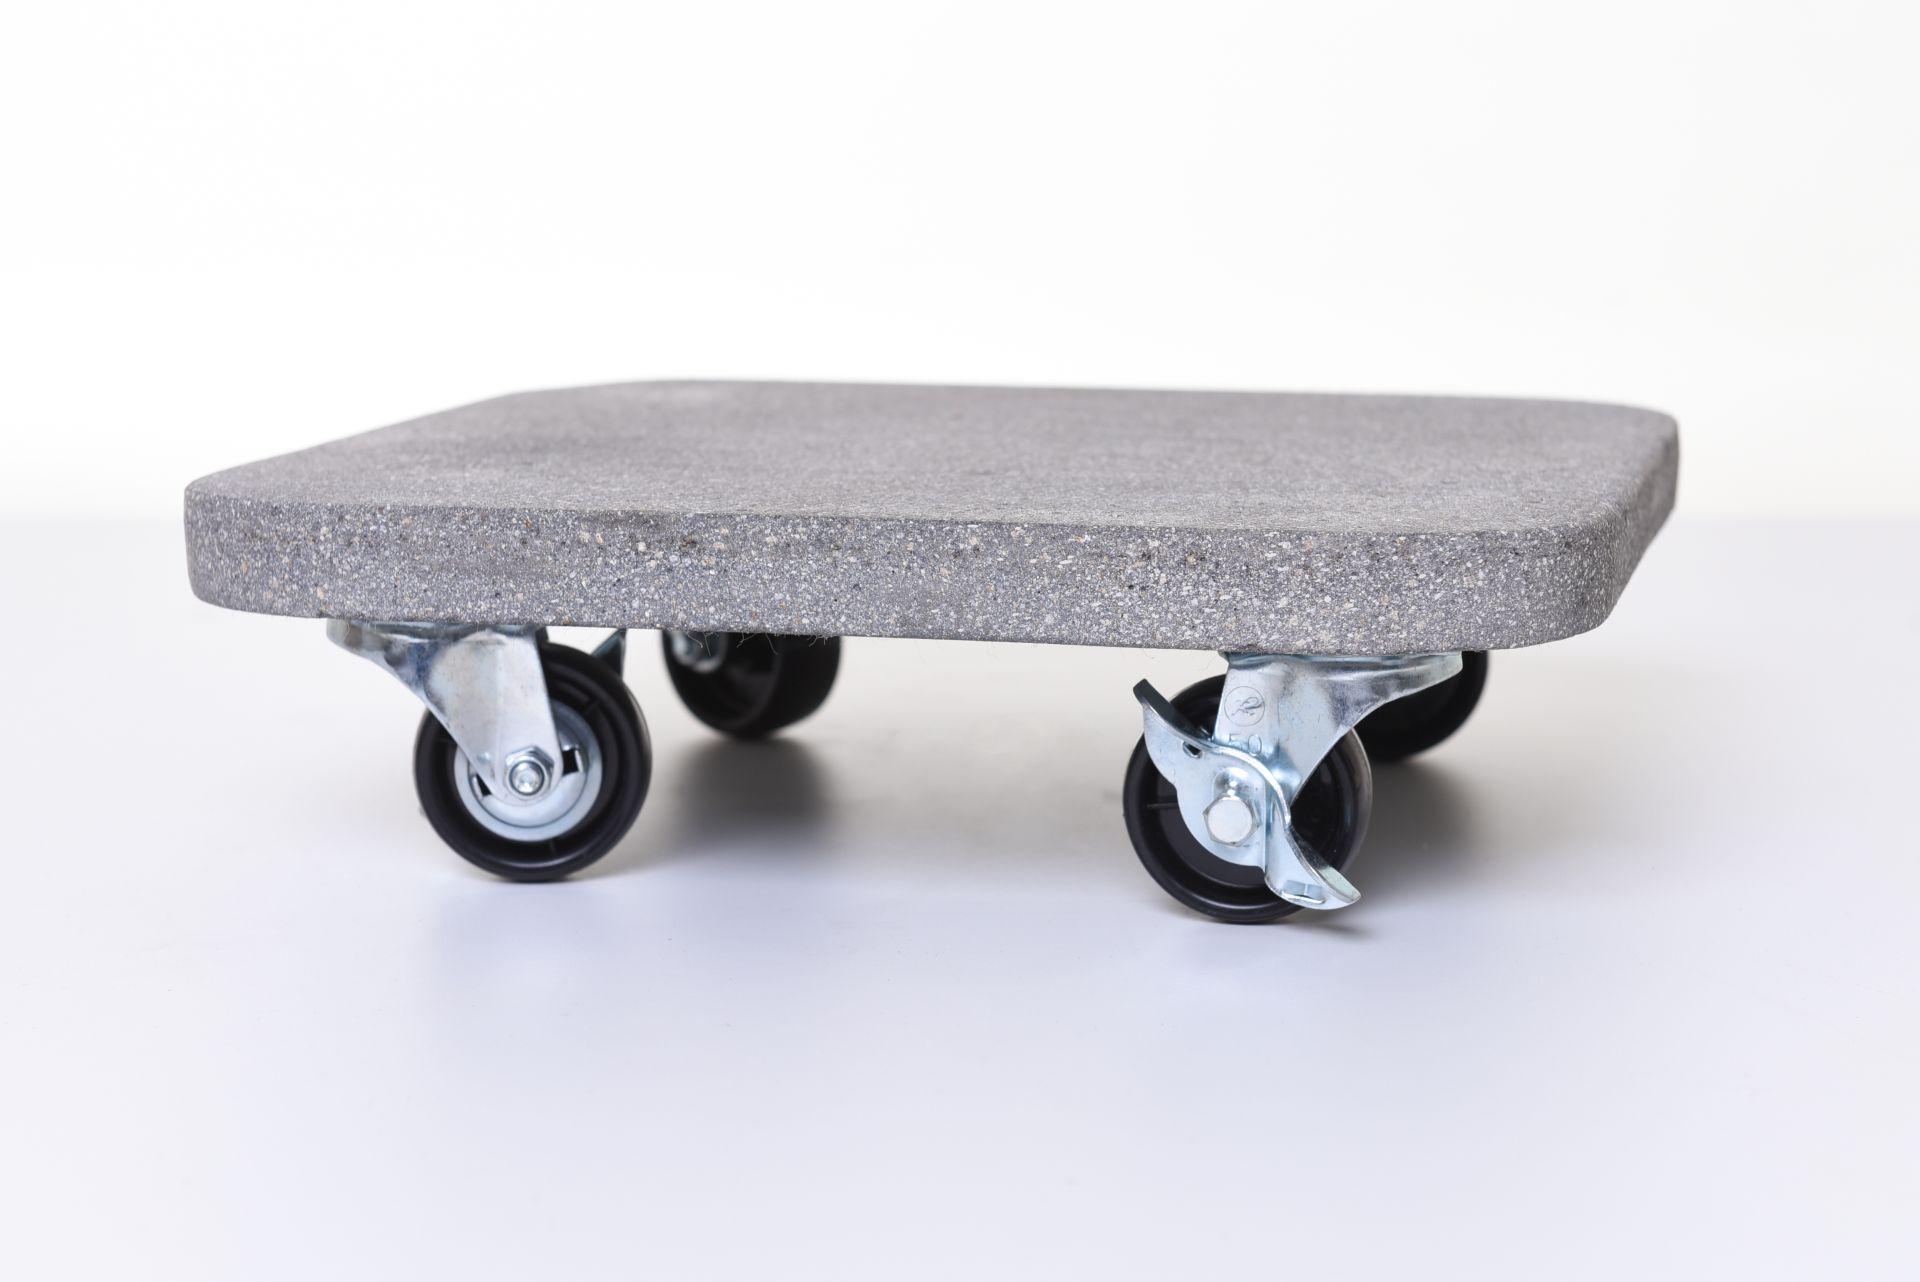 untersetzer mit rollen pflanzenroller eckig kunststein movo 29 x 29 cm grau ebay. Black Bedroom Furniture Sets. Home Design Ideas